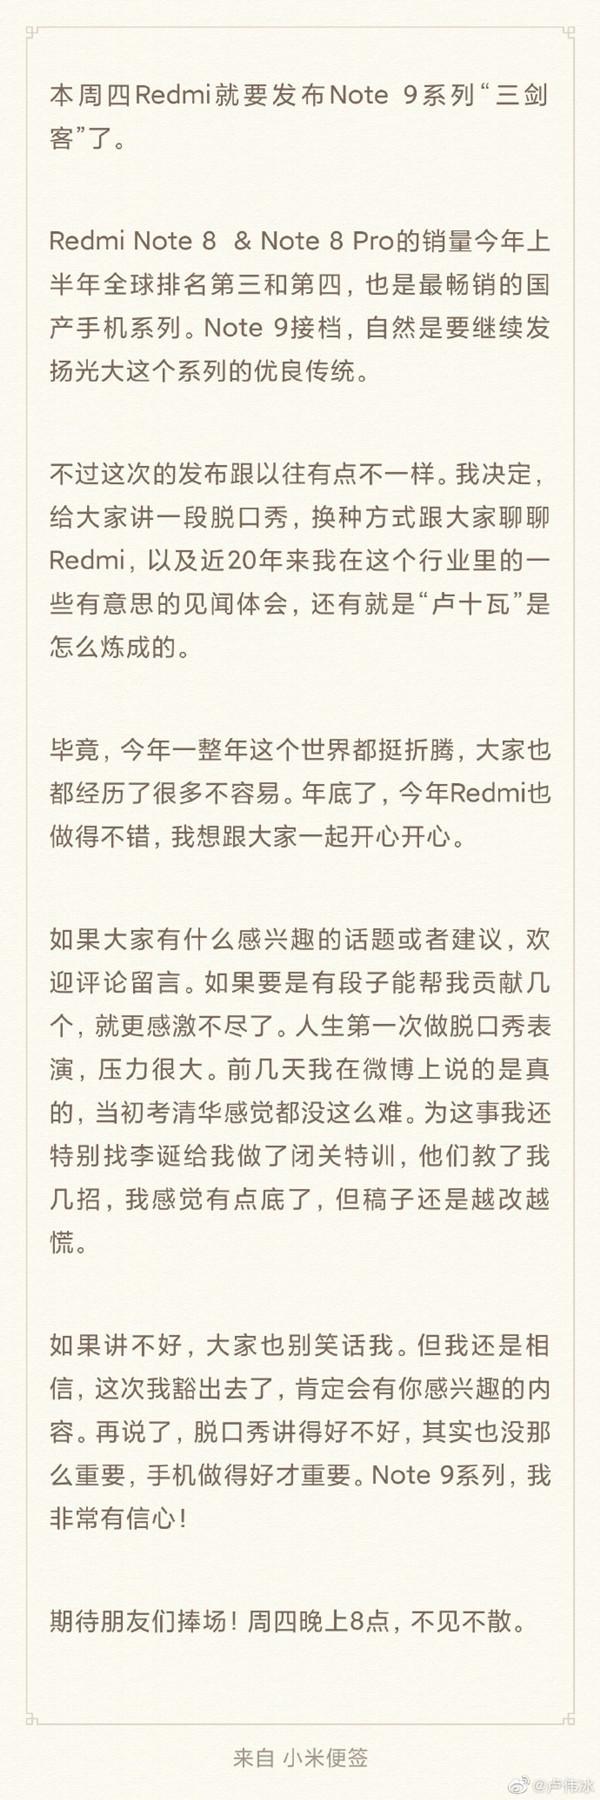 卢伟冰发文谈Note9脱口秀发布会:考清华都没这么难